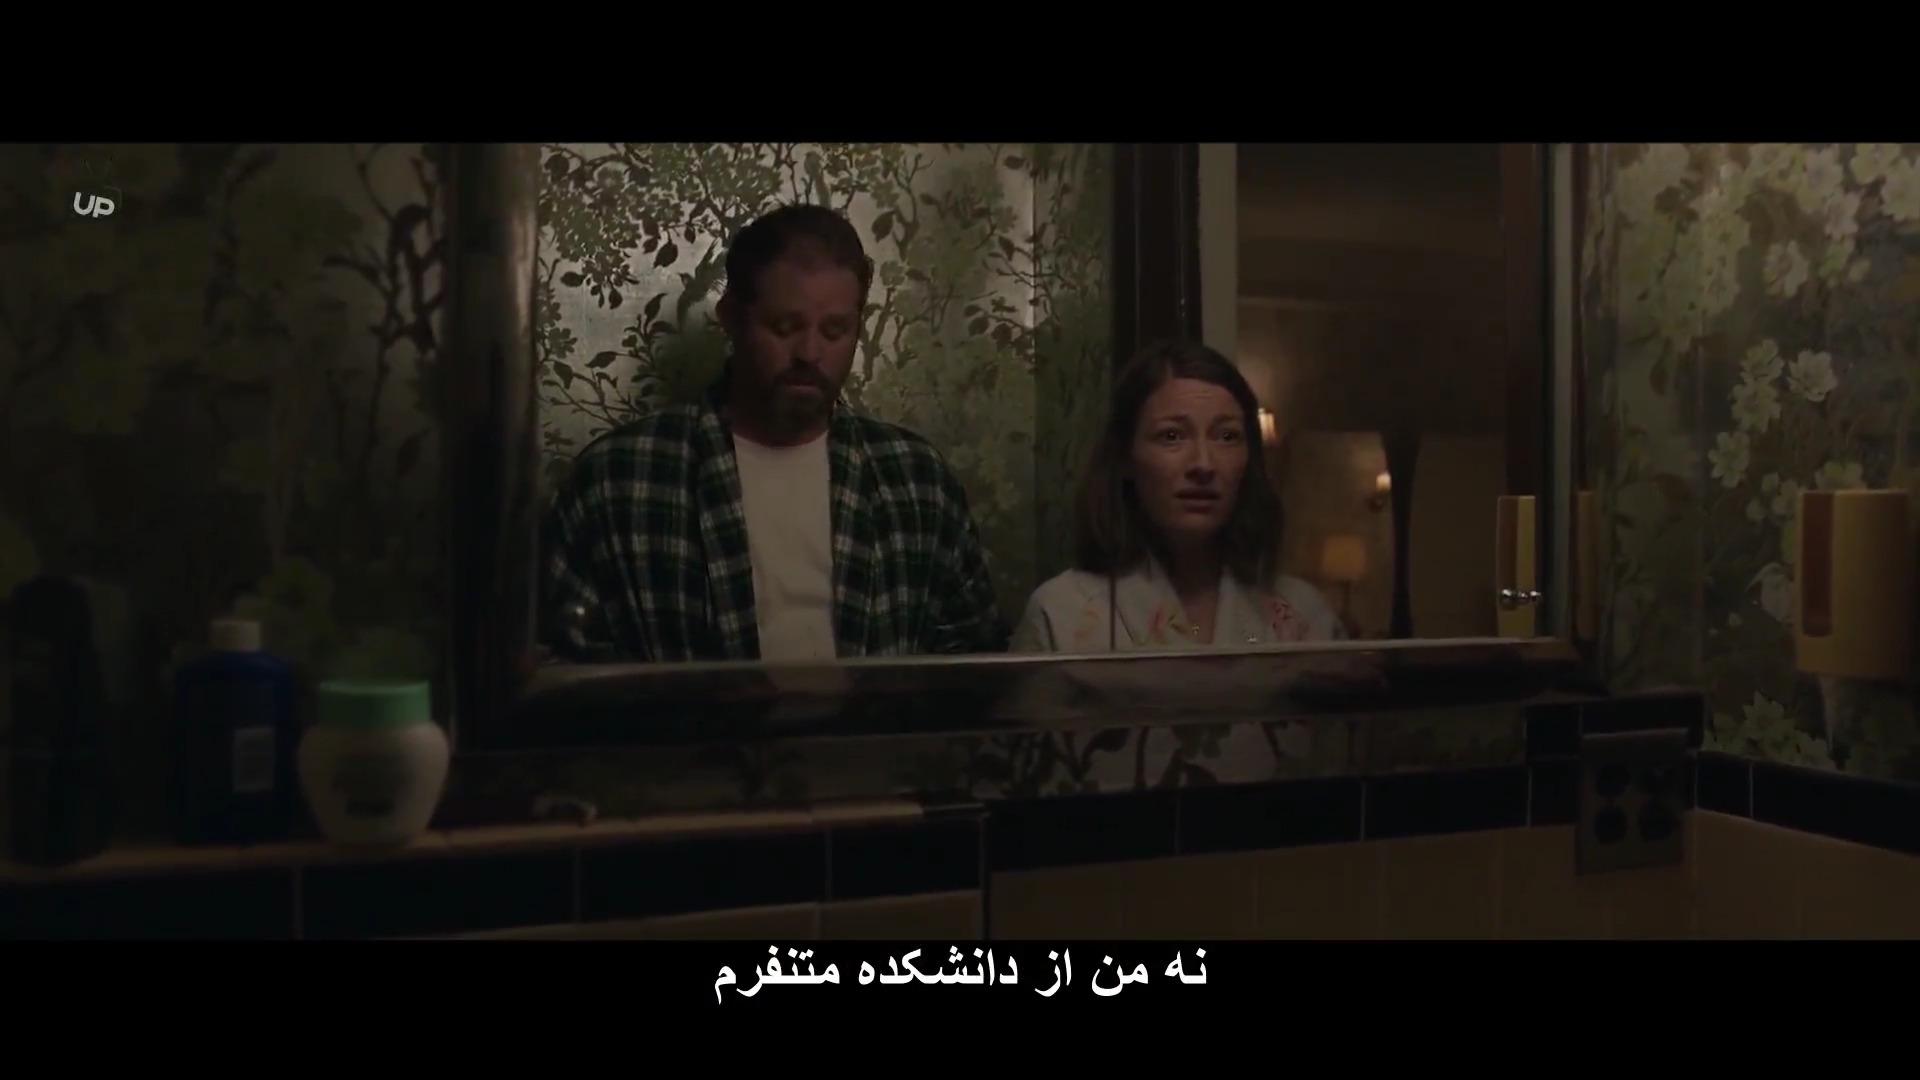 تماشای آنلاین فیلم Puzzle 2018 پازل با زیرنویس فارسی